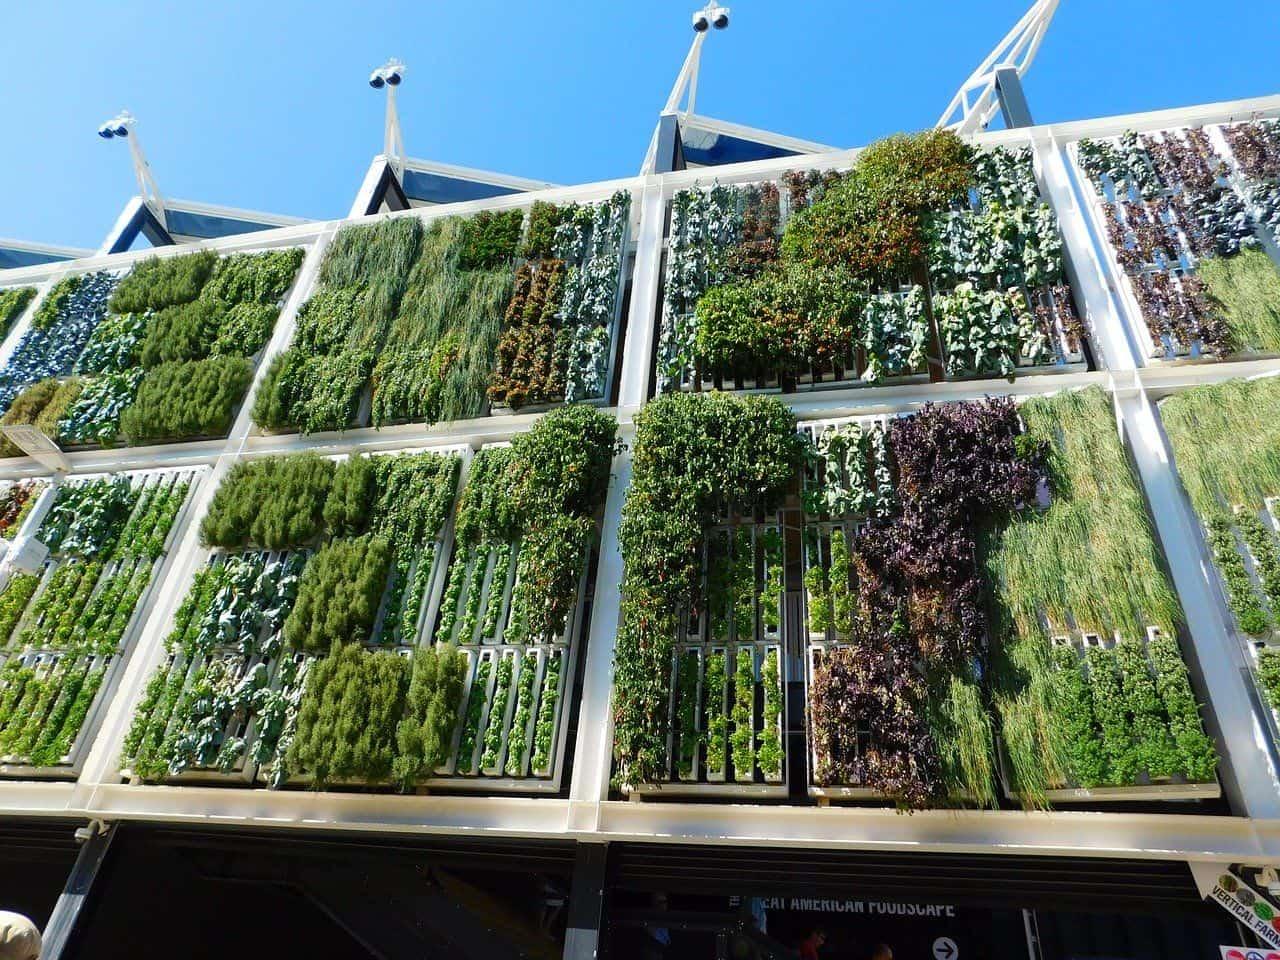 Ein beeindruckender vertikaler Garten